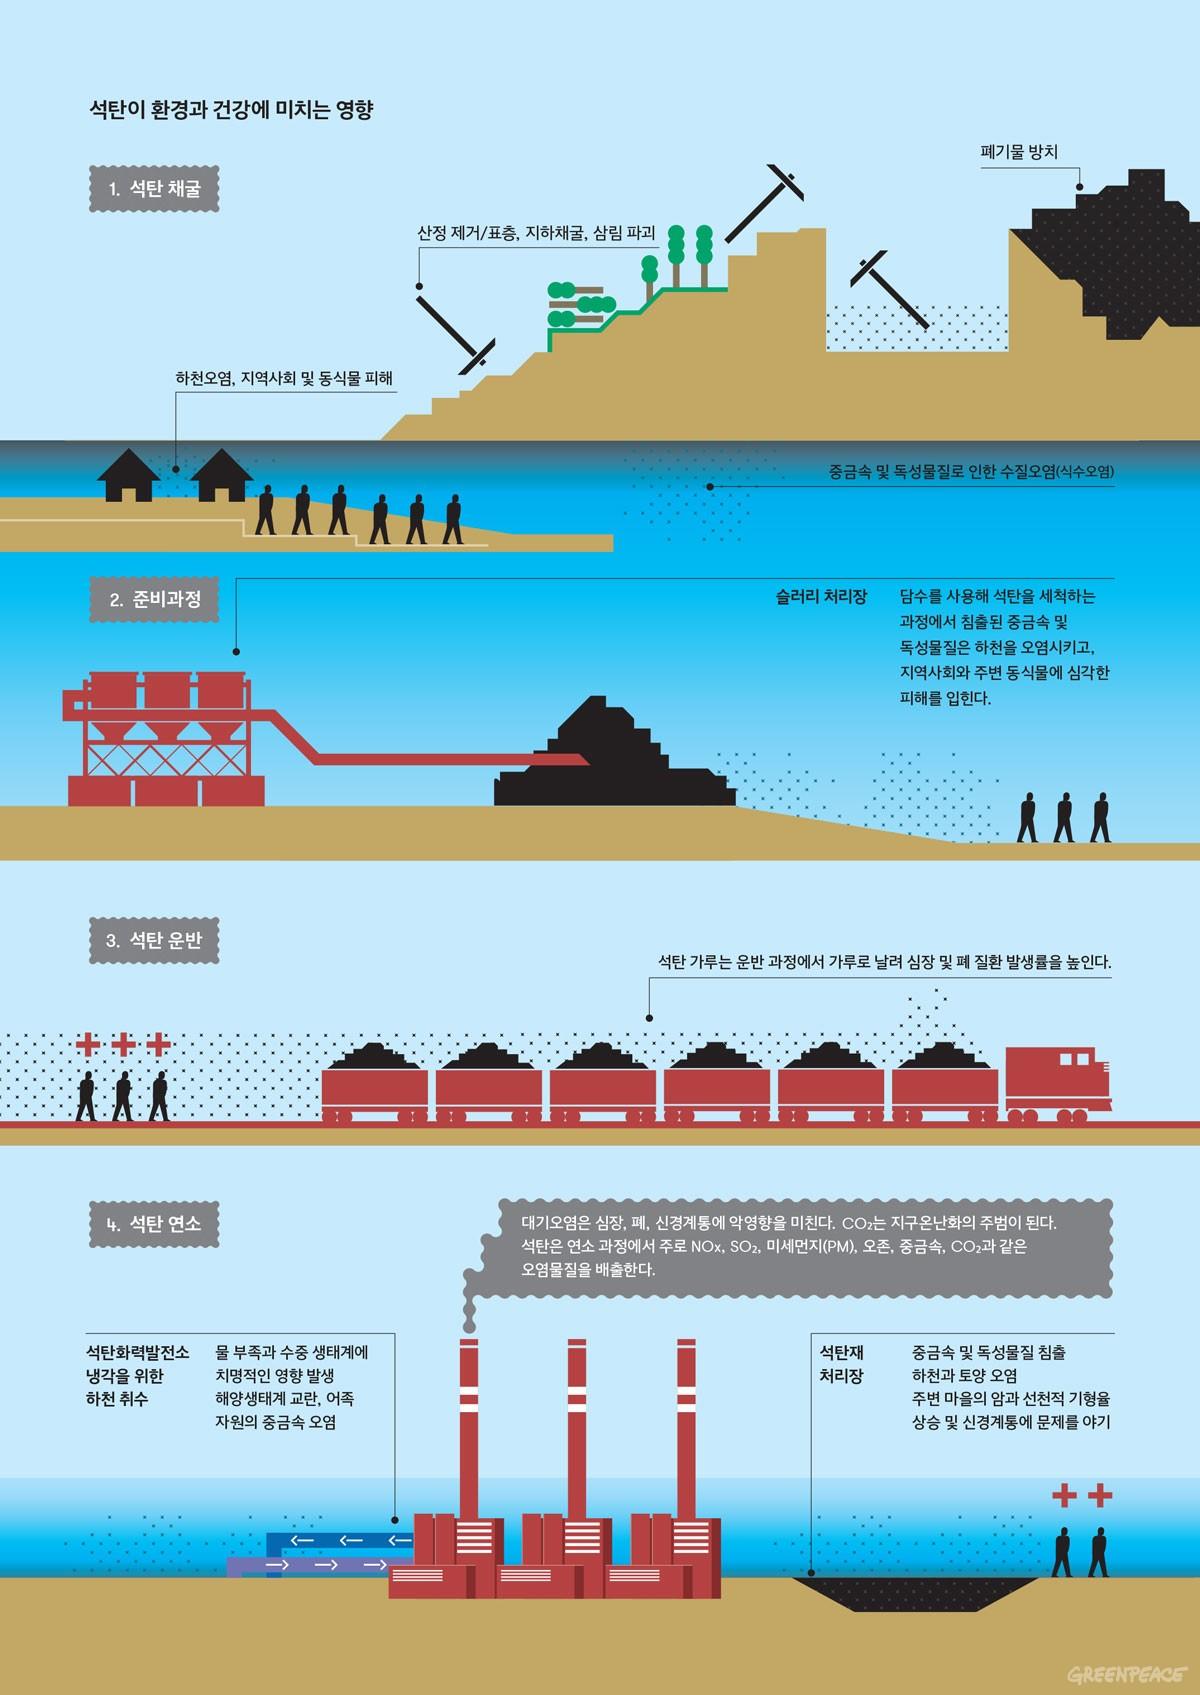 석탄이 환경과 건강에 미치는 영향